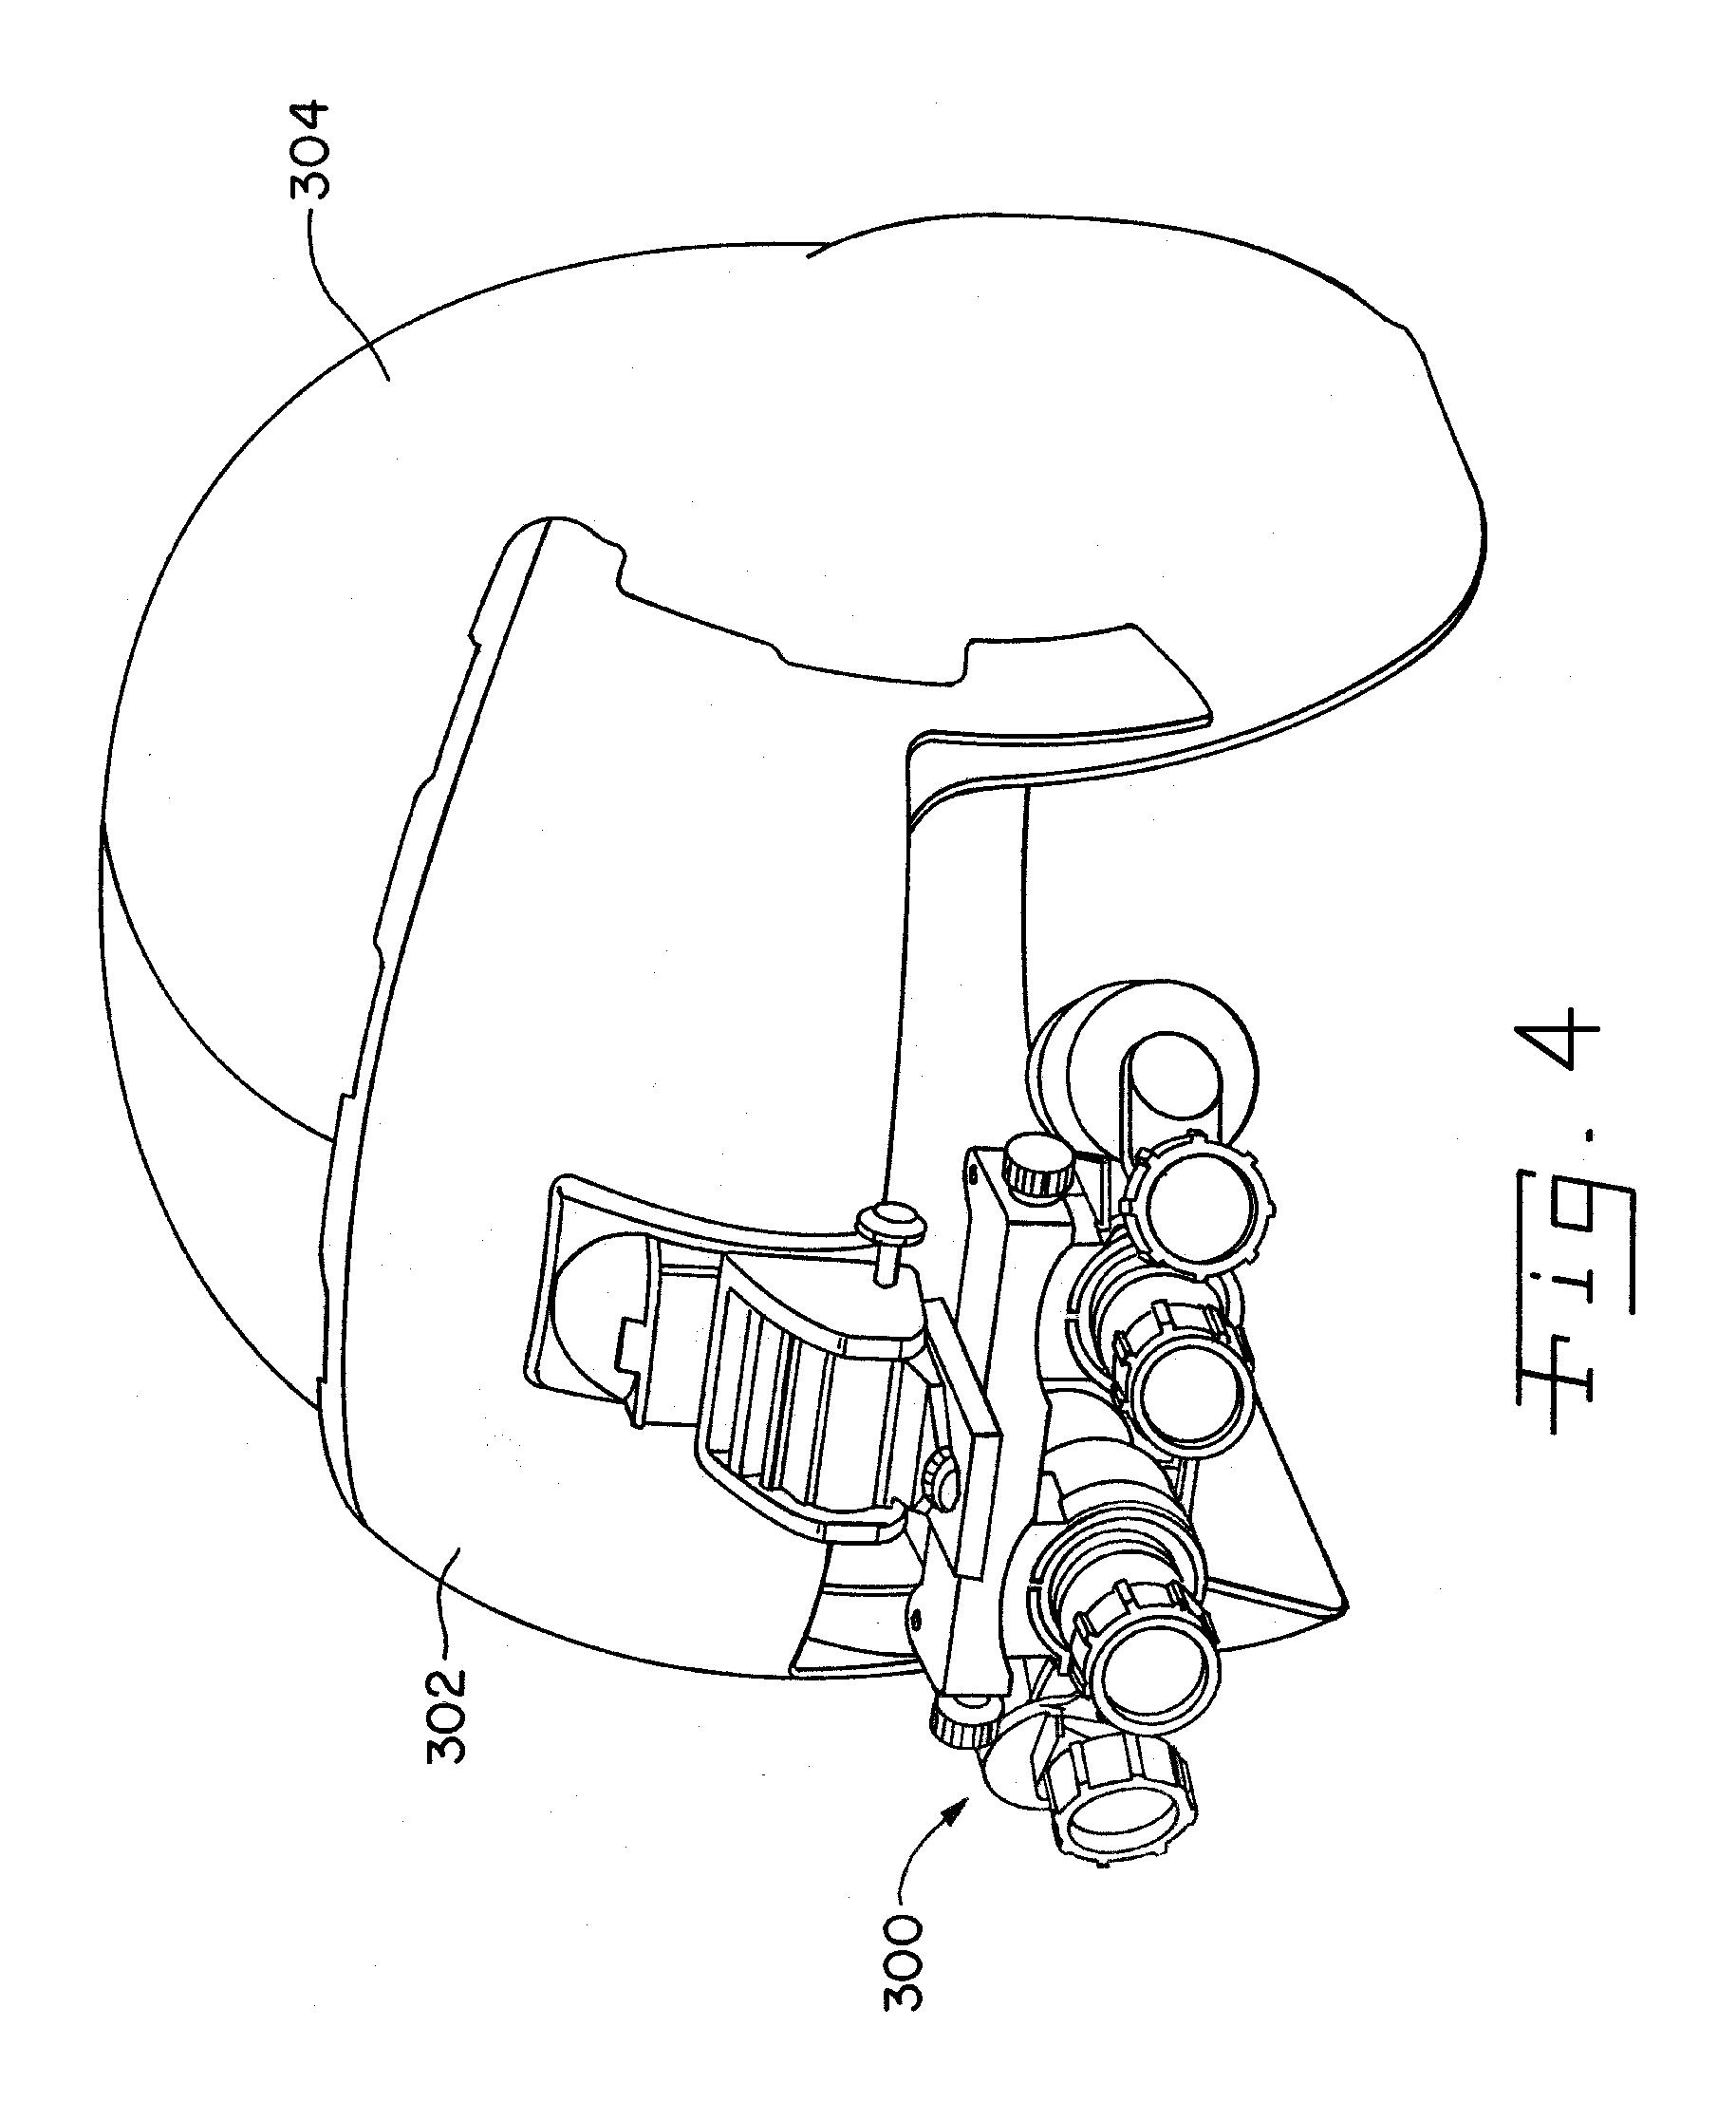 Amazing Suzuki 250 Quadrunner Wiring Diagram Ideas - The Best ...